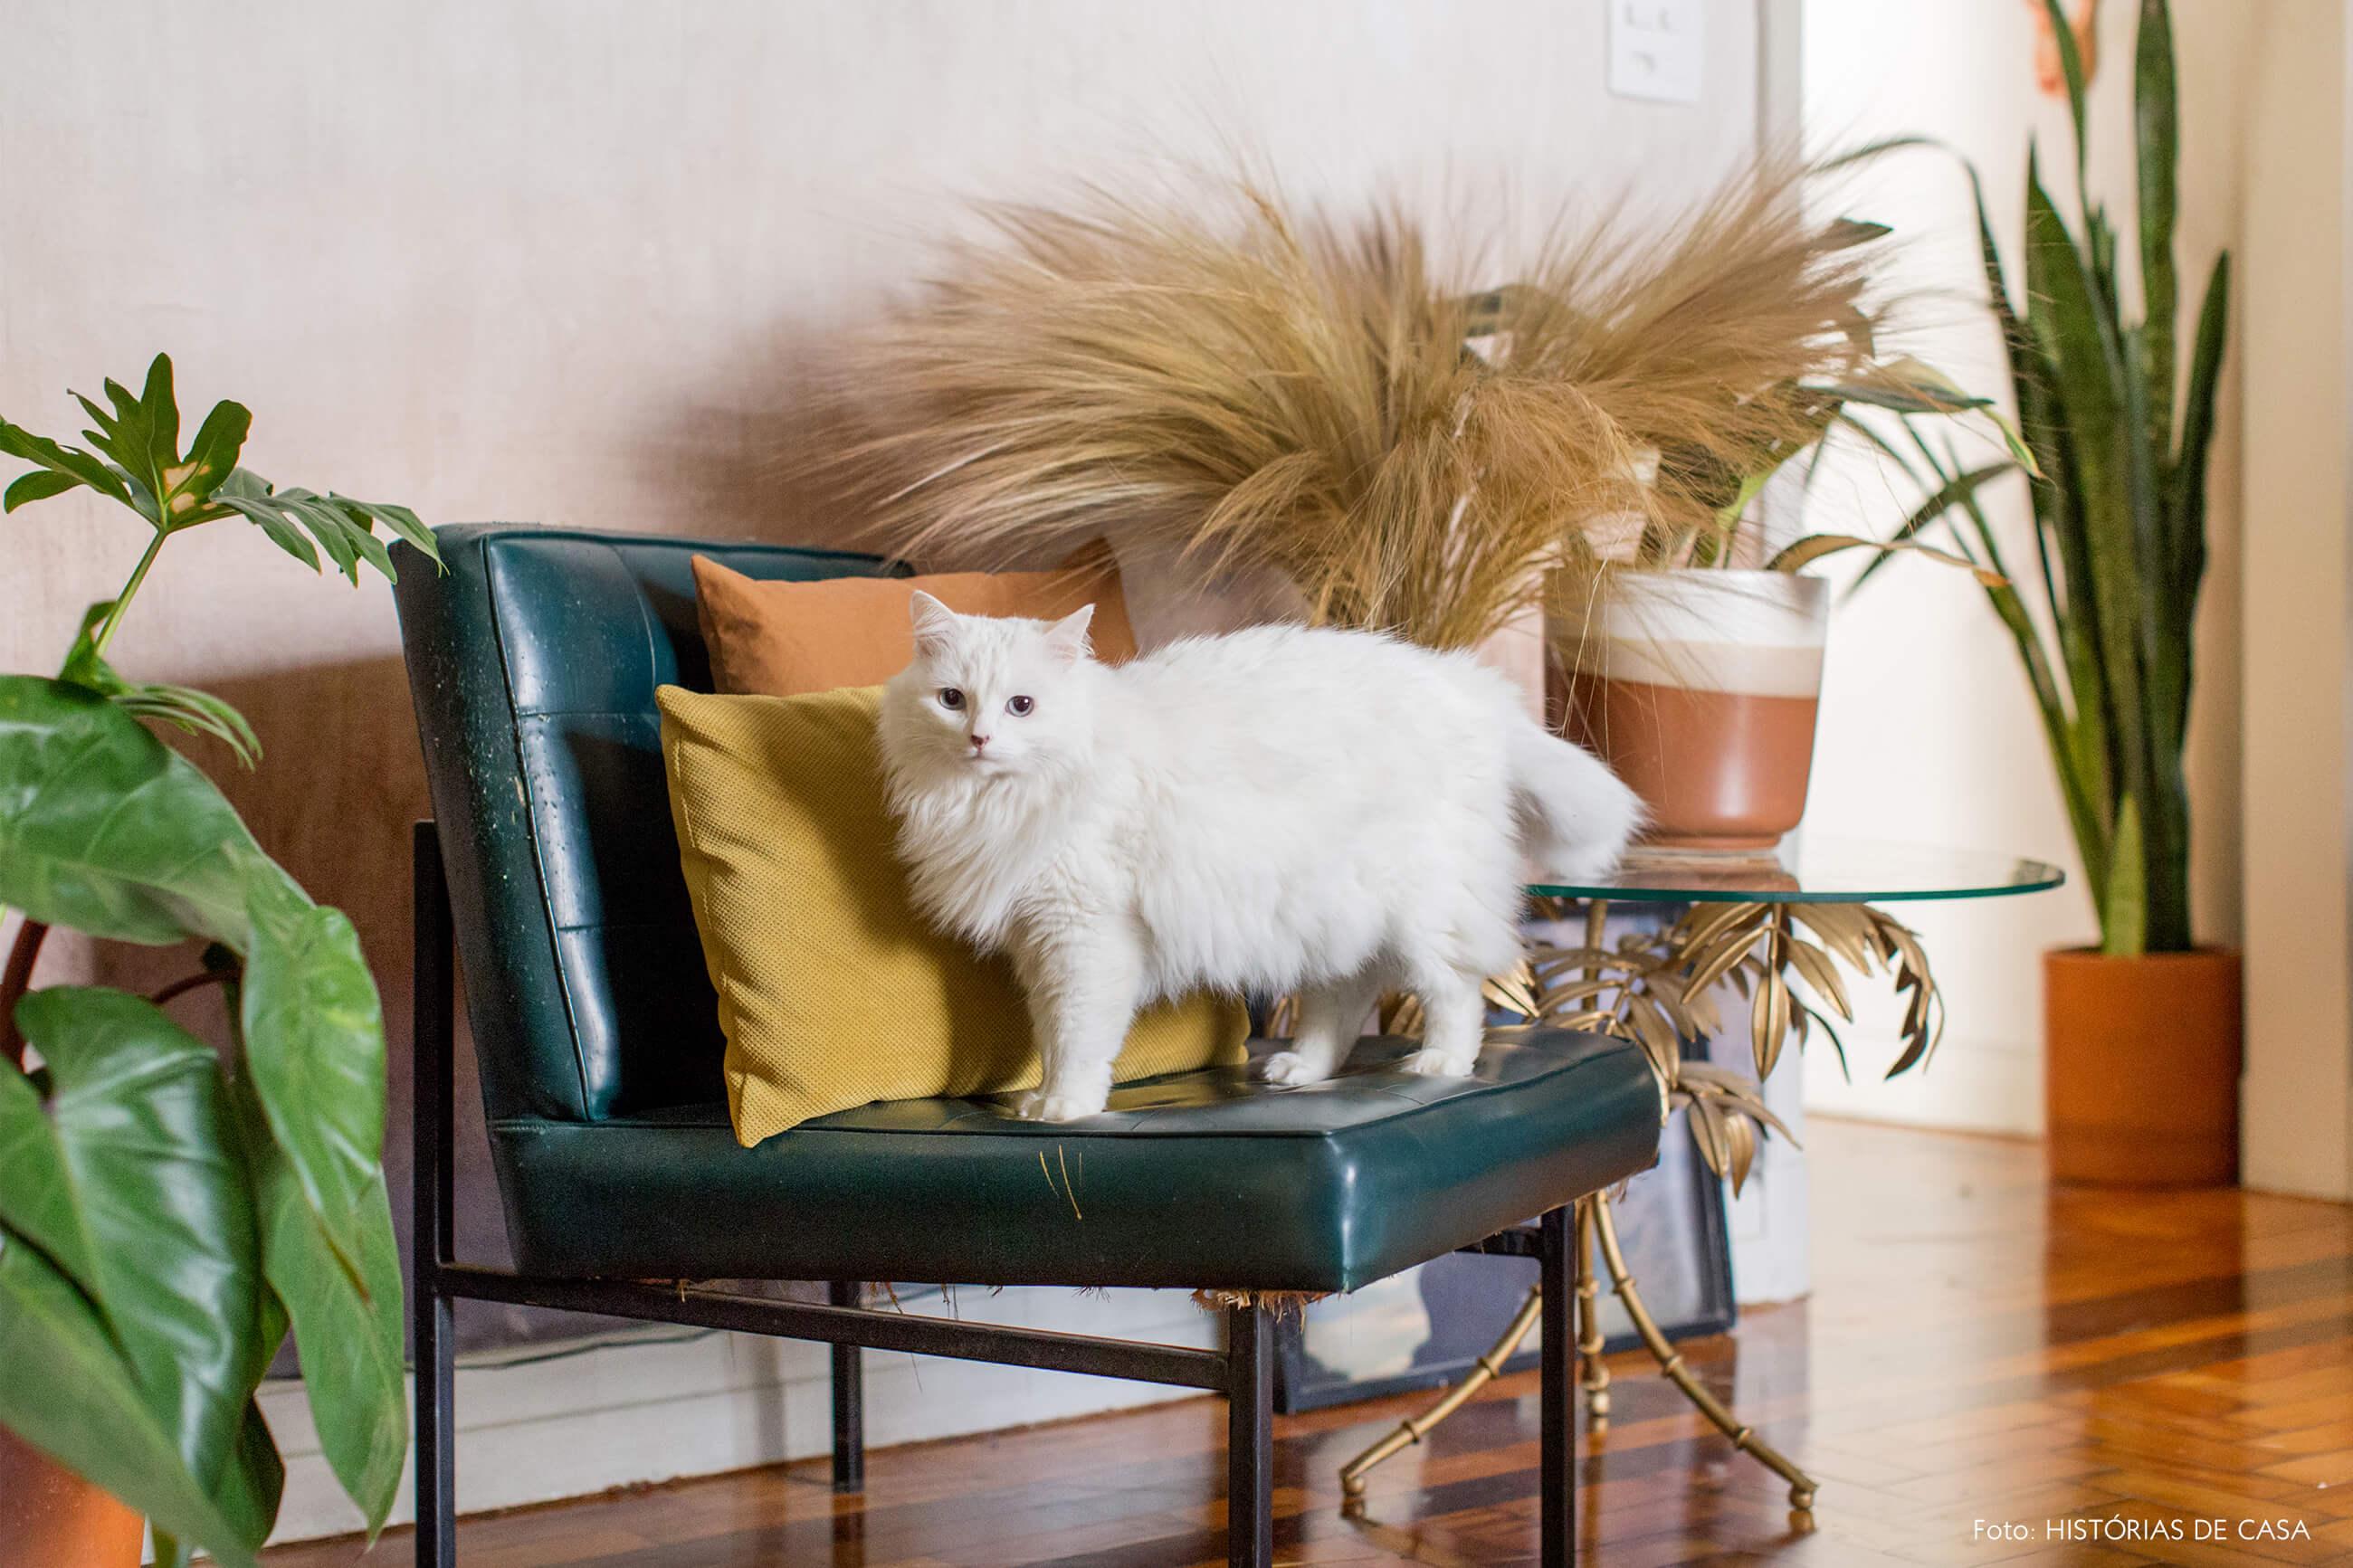 retrato gato na cadeira de couro e almofadas coloridas e plantas